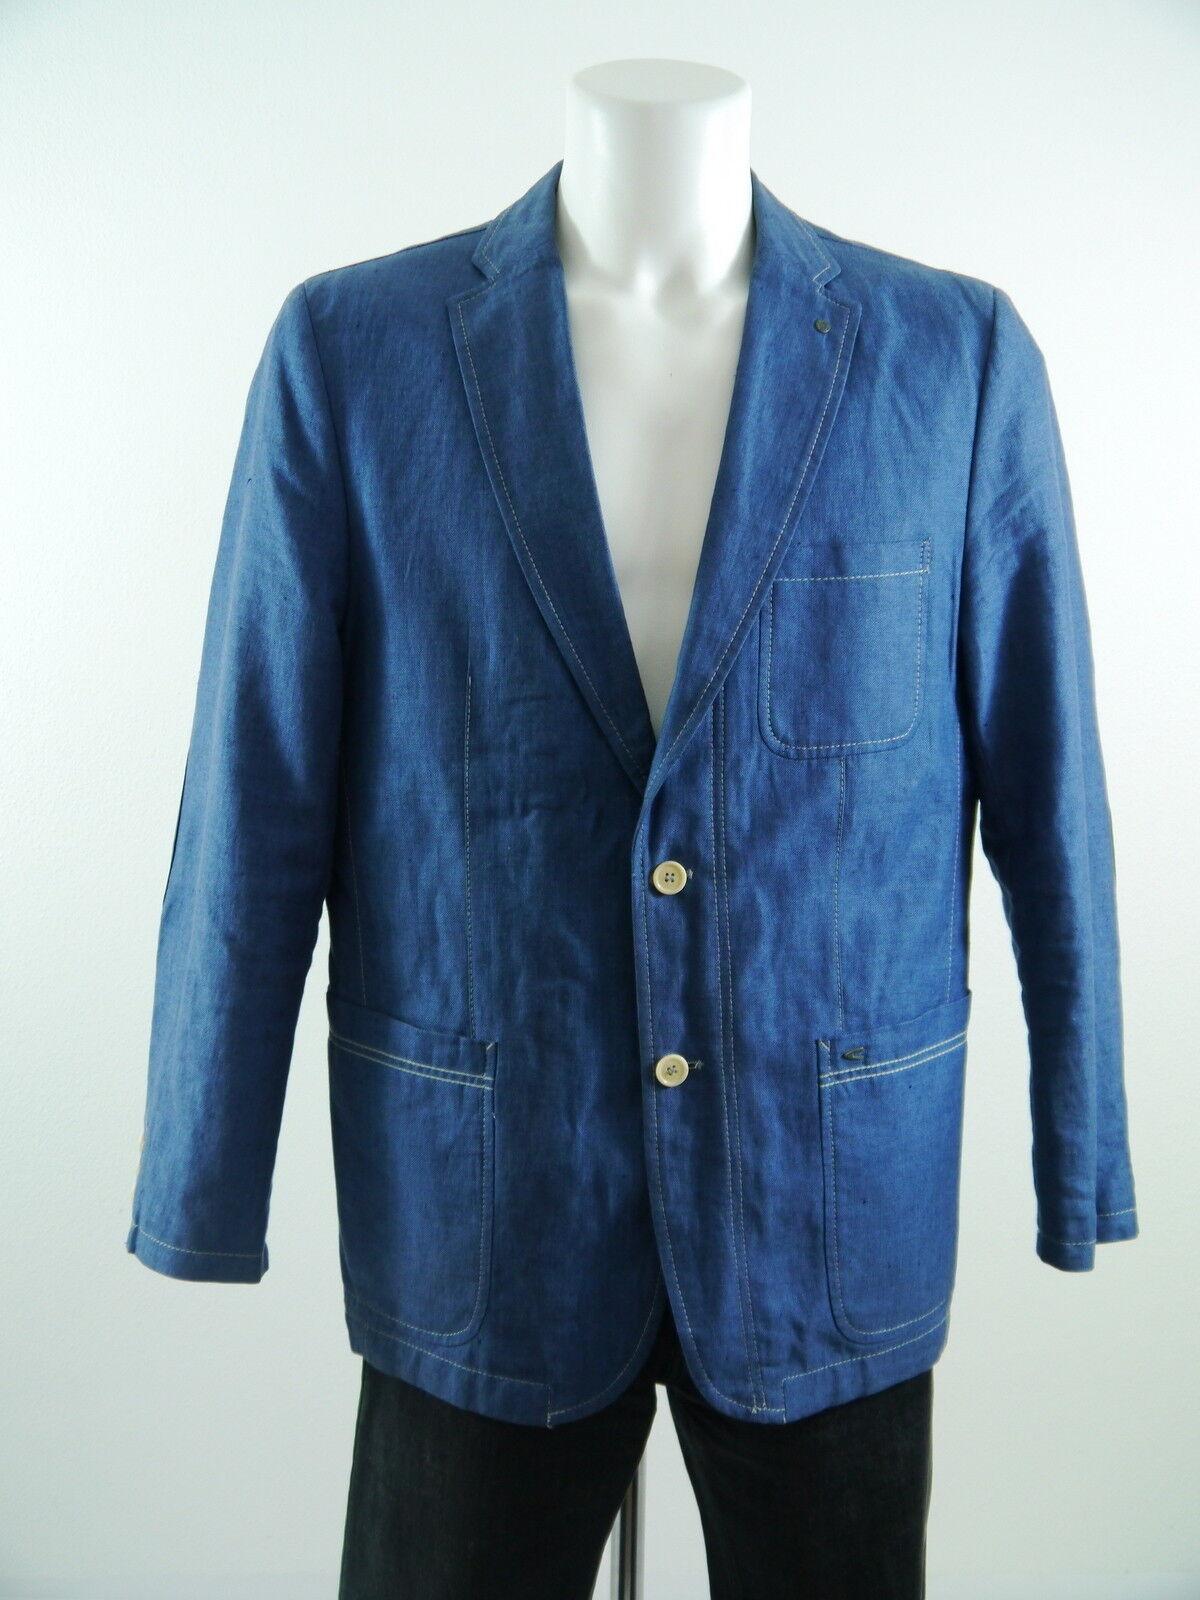 Herren Sakko CAMEL ACTIVE  A/C42060 LederPatches blau Baumwolle-Leinen Gr.50